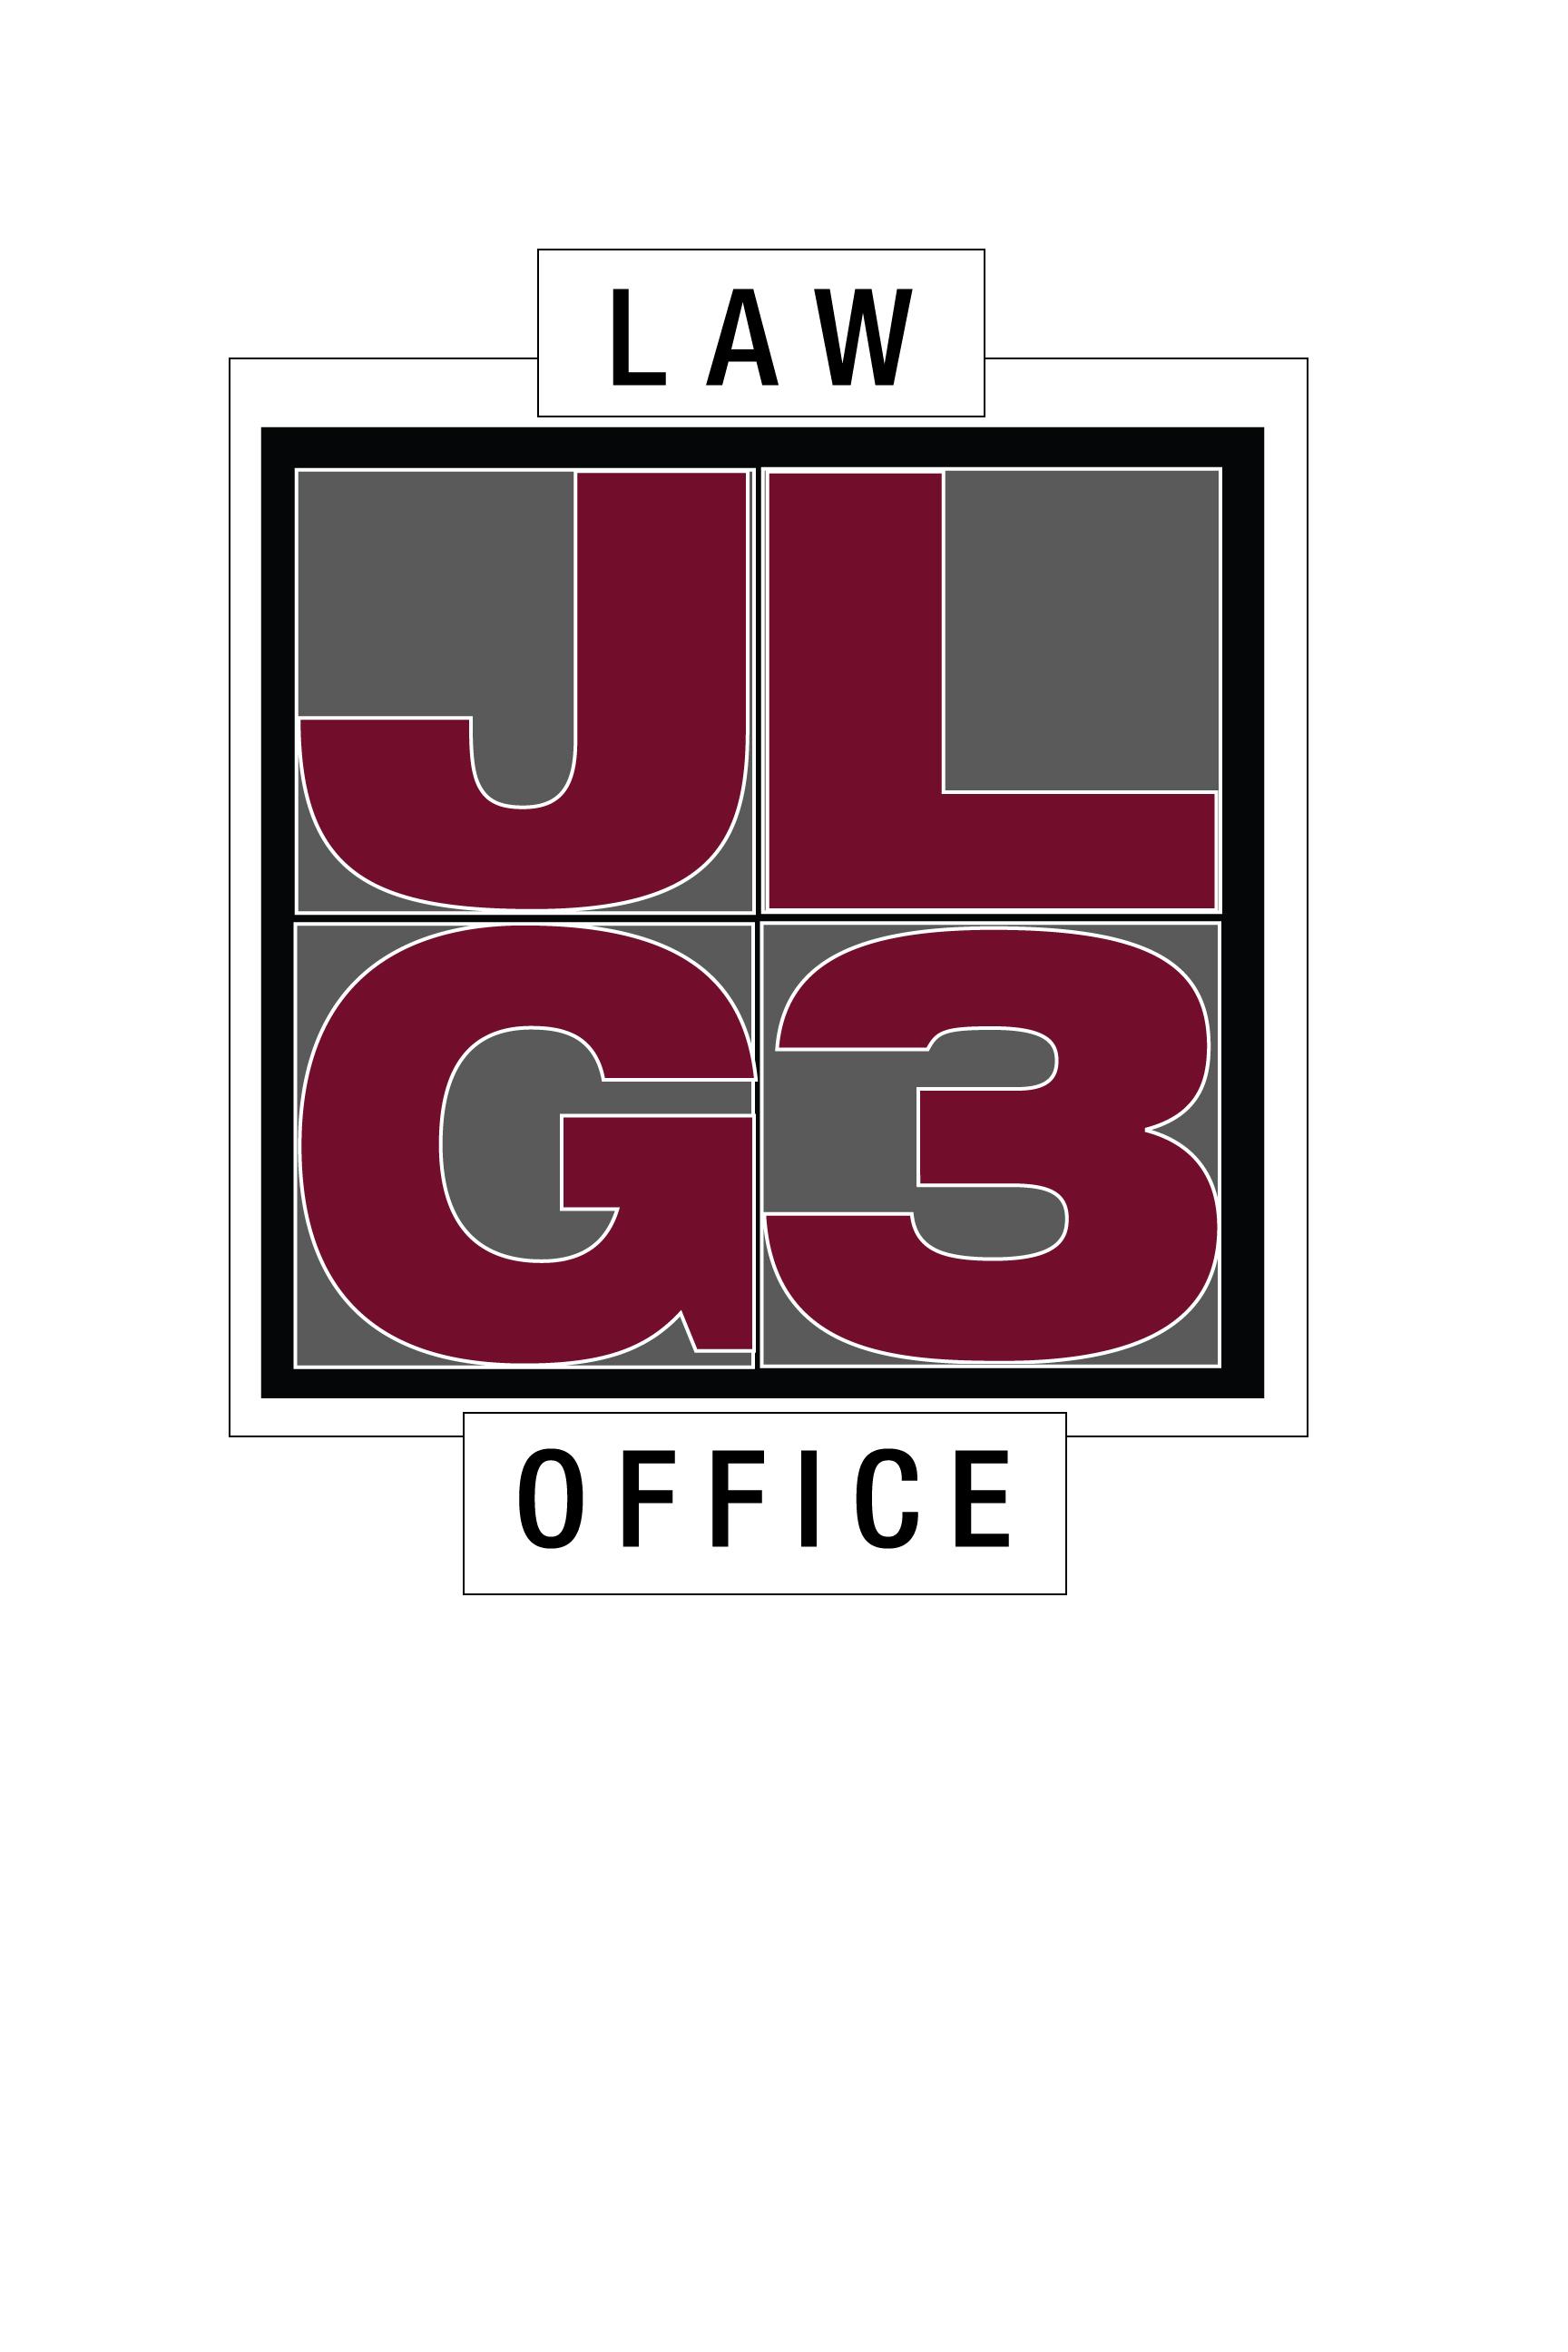 JLG3 Law Office